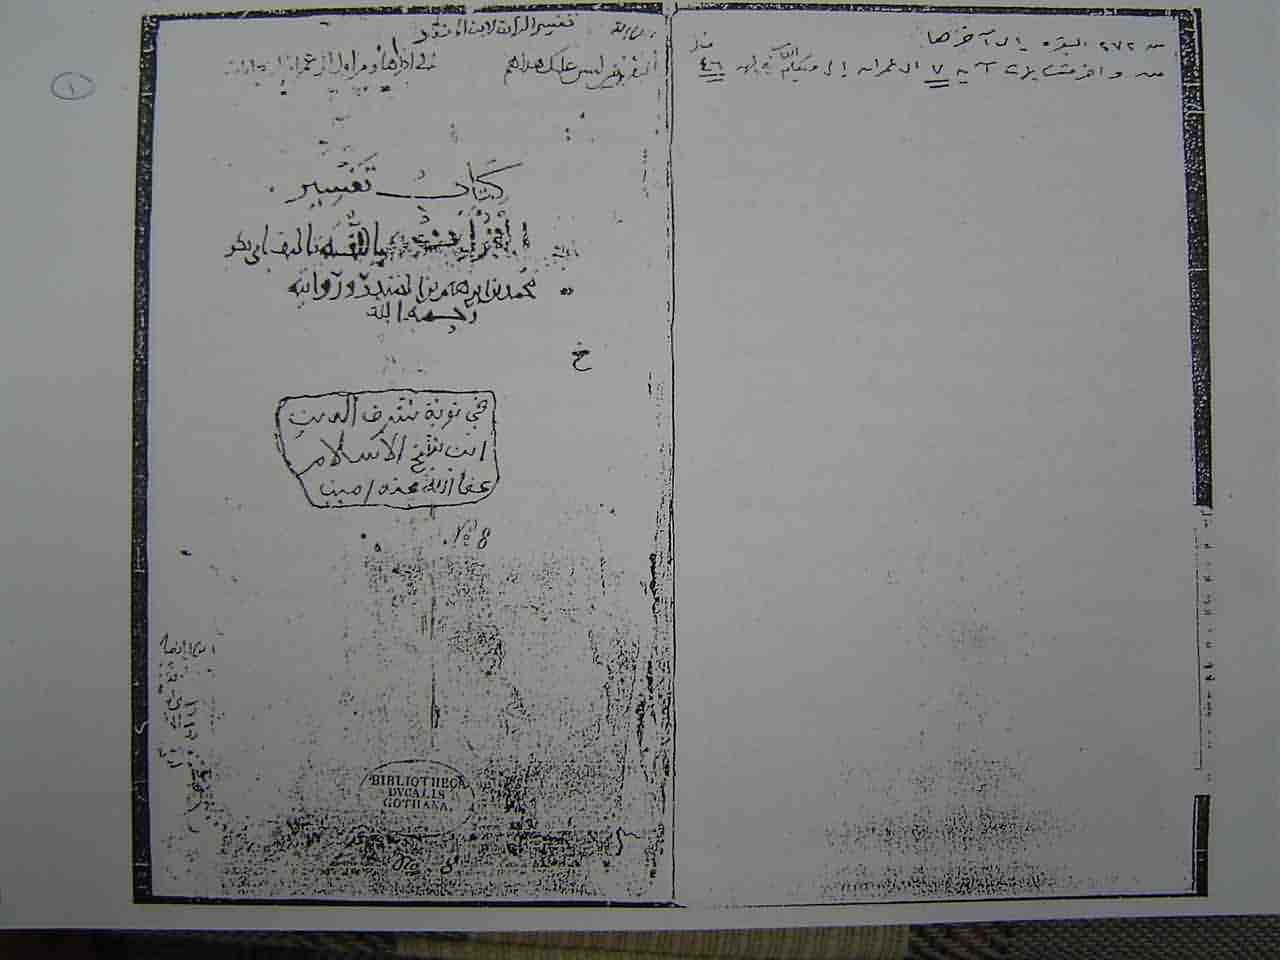 تحميل كتاب كتاب تفسير القرآن (قطعة) لـِ: الإمام أبو بكر محمد بن إبراهيم بن المنذر النيسابوري (ت 319)